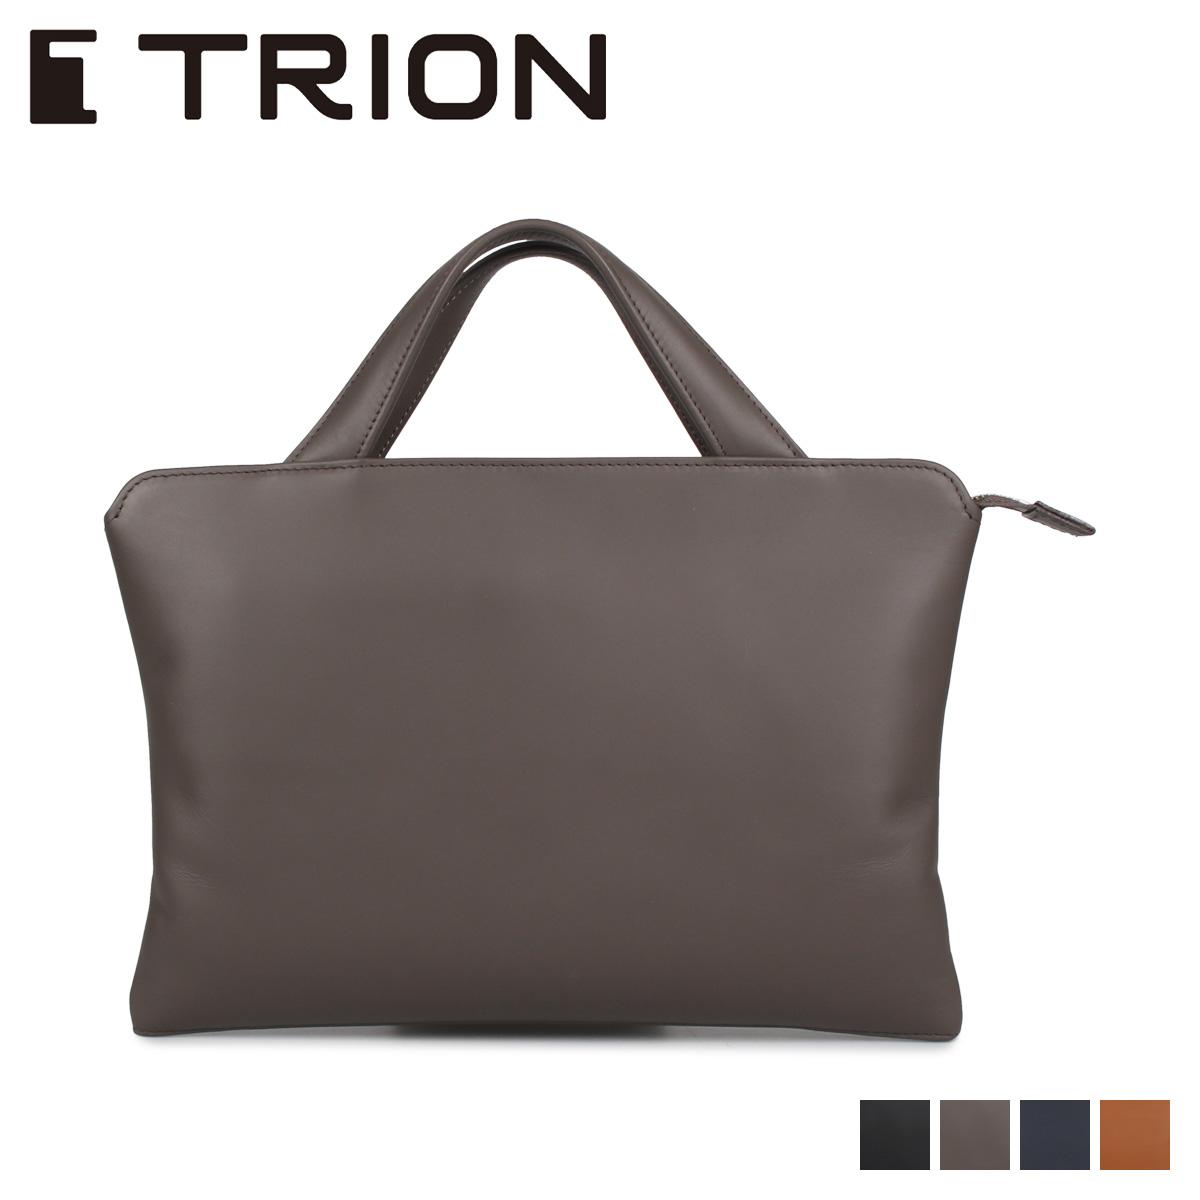 TRION トライオン バッグ ビジネスバッグ ブリーフケース メンズ DOCUMENT ブラック ダーク グレー ネイビー ダーク ブラウン 黒 SA114